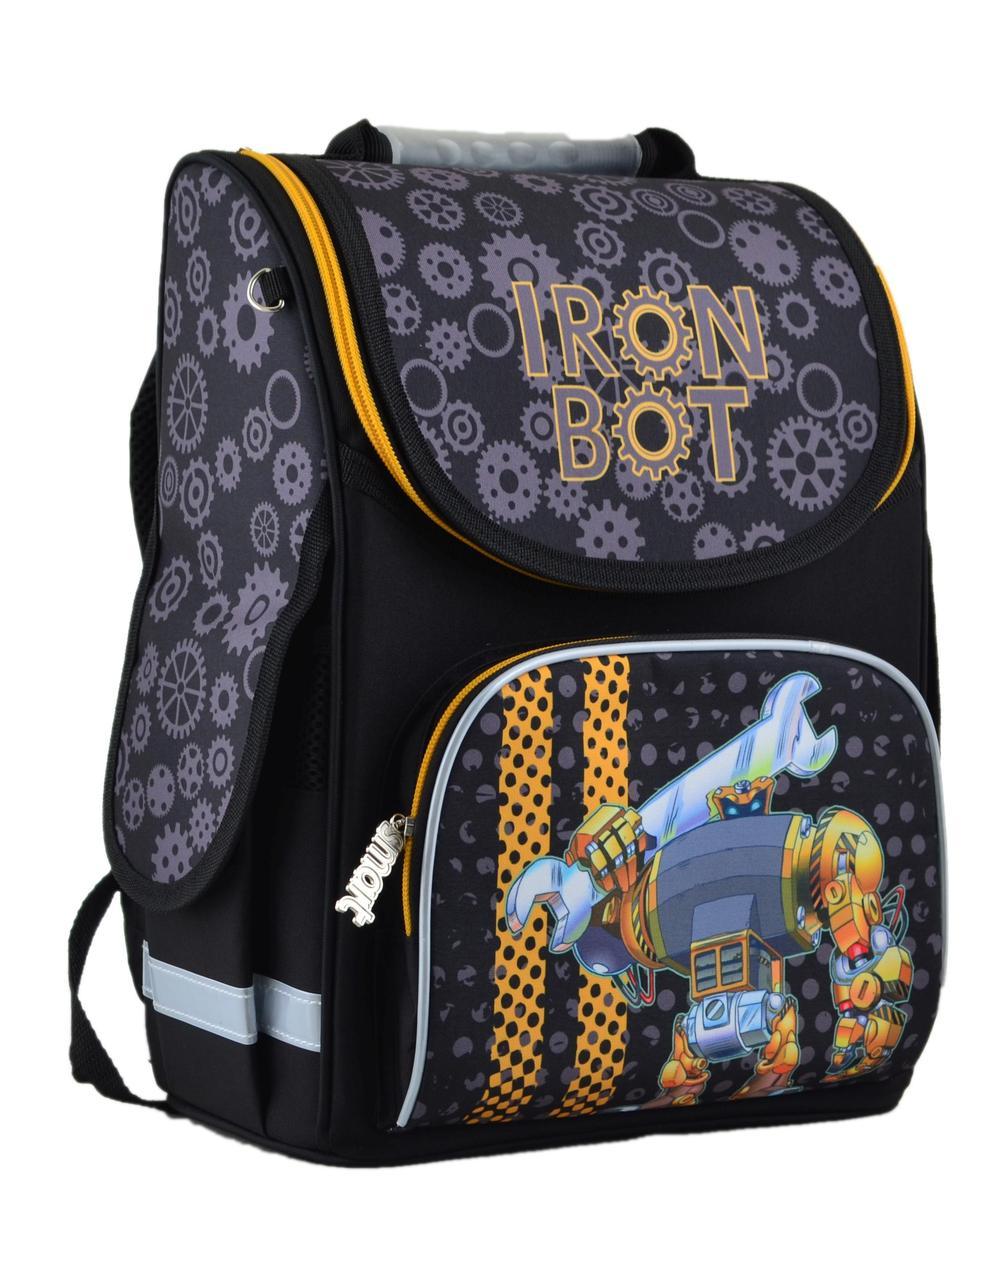 Рюкзак каркасный PG-11 Iron bot, 34*26*14